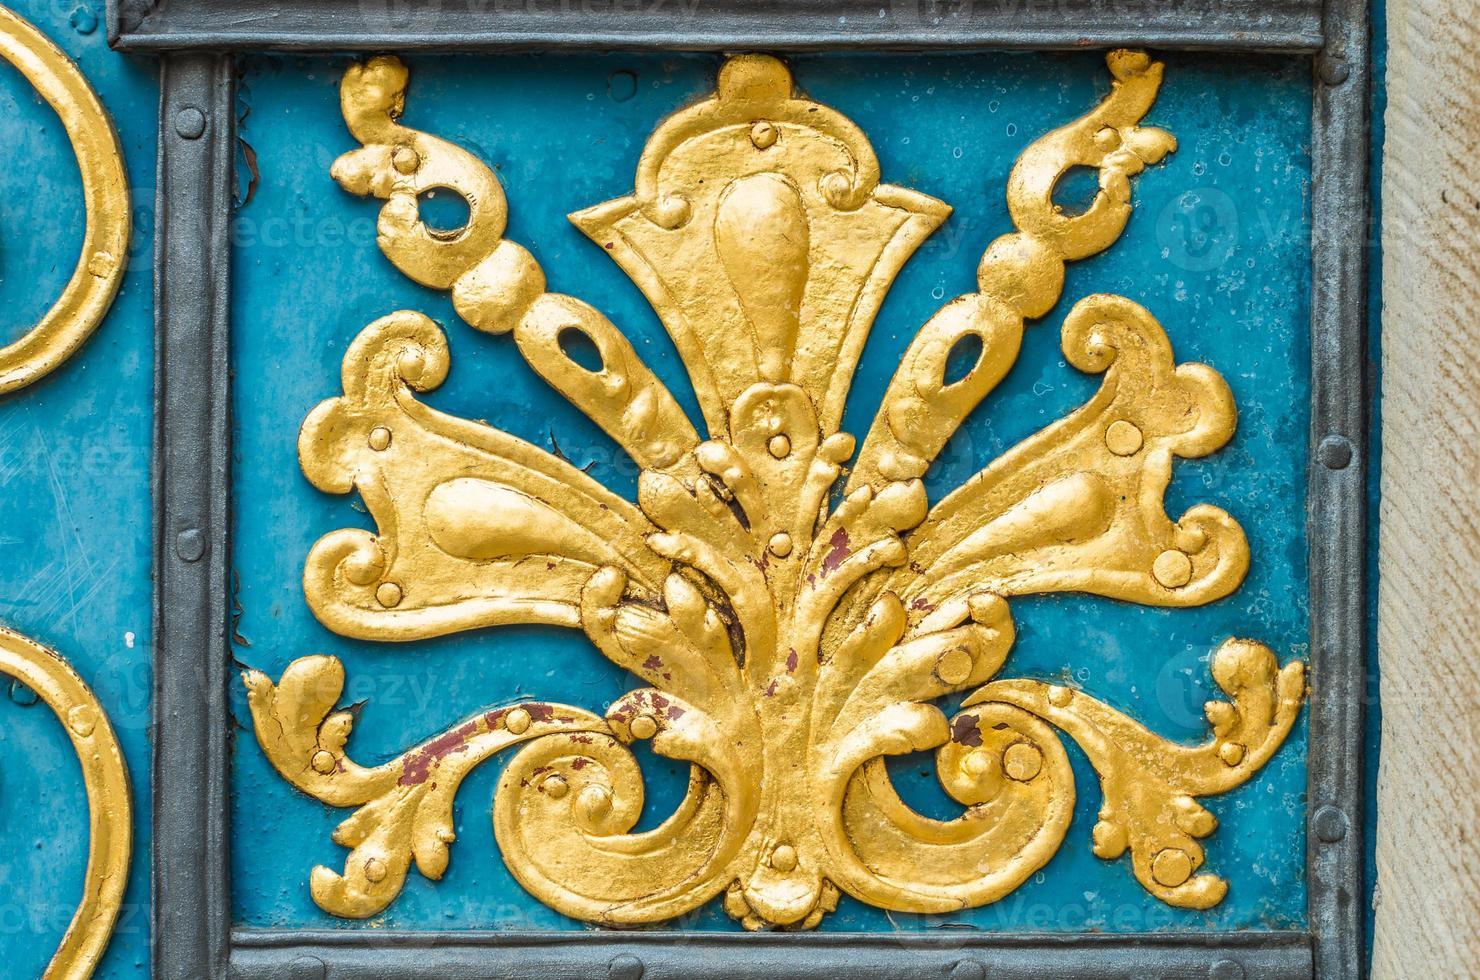 Detail der blauen Tür mit goldenem Schmuck verziert foto